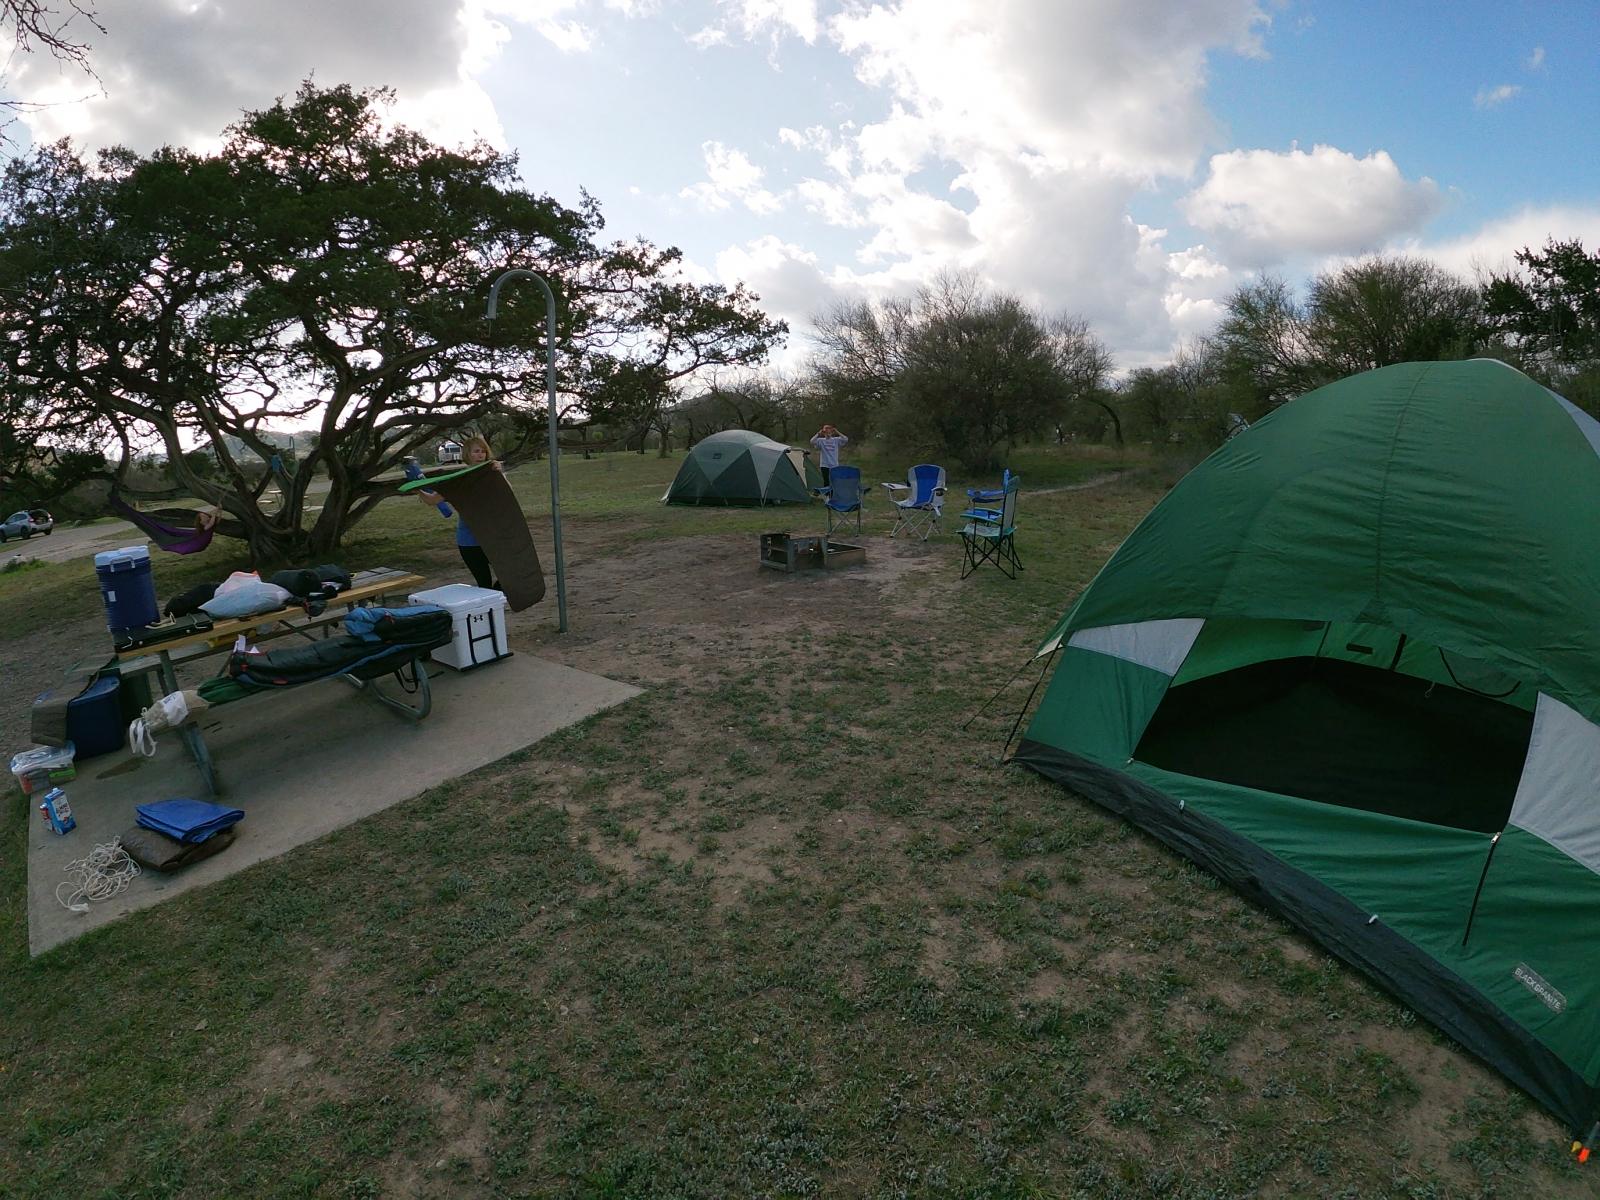 Campsite again